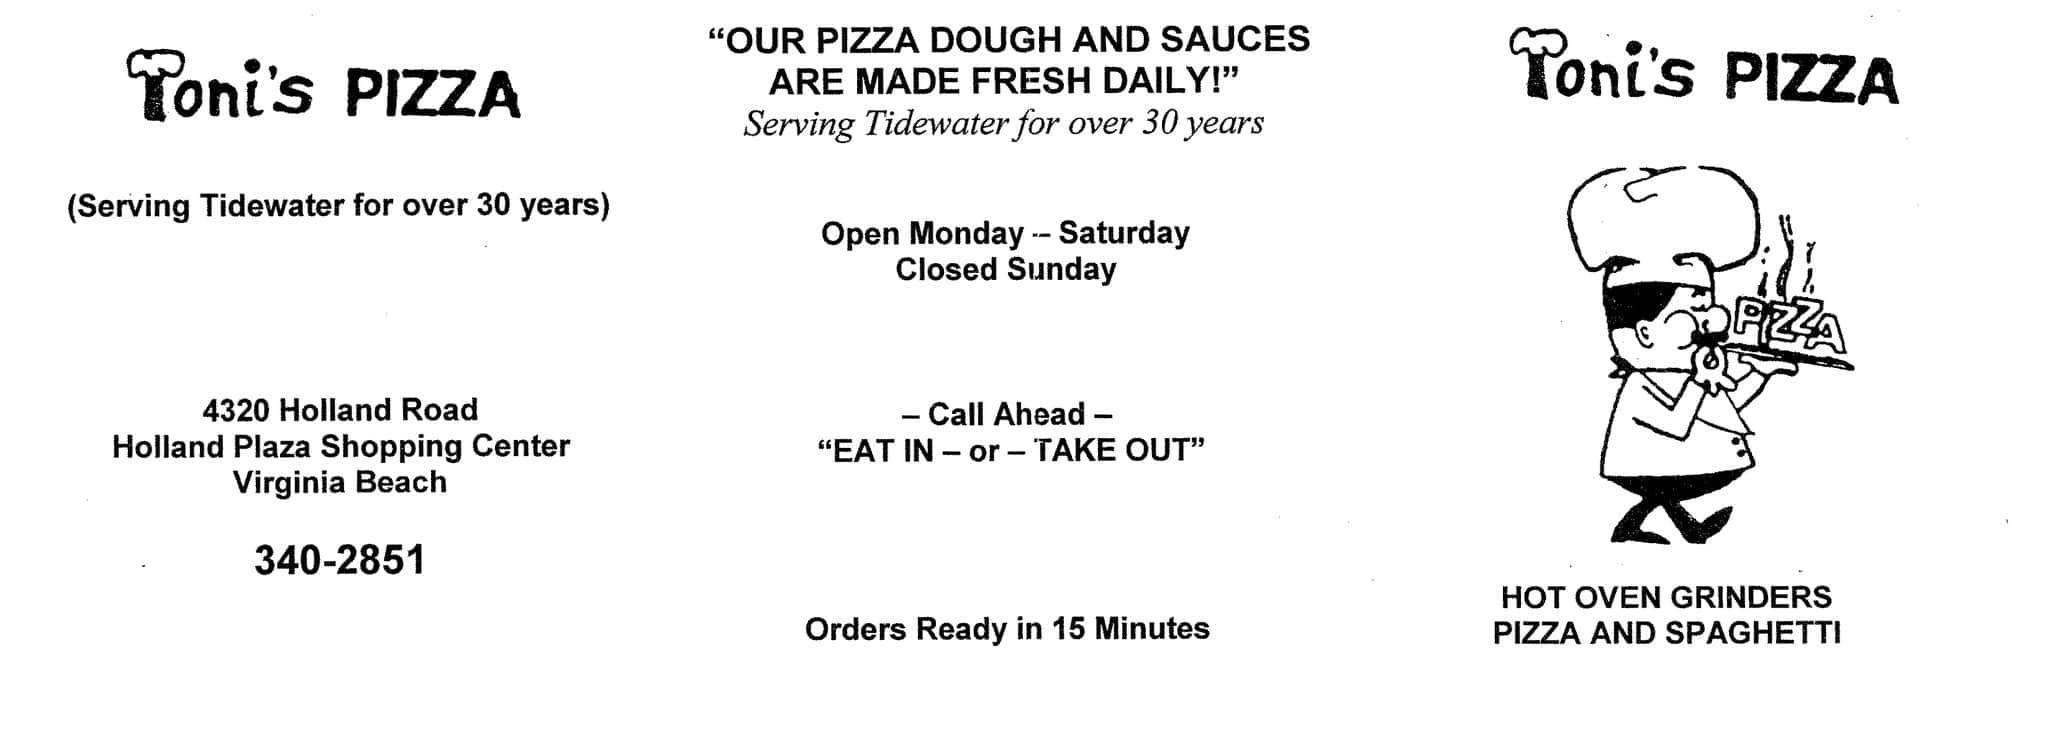 Toni S Pizza Virginia Beach Menu